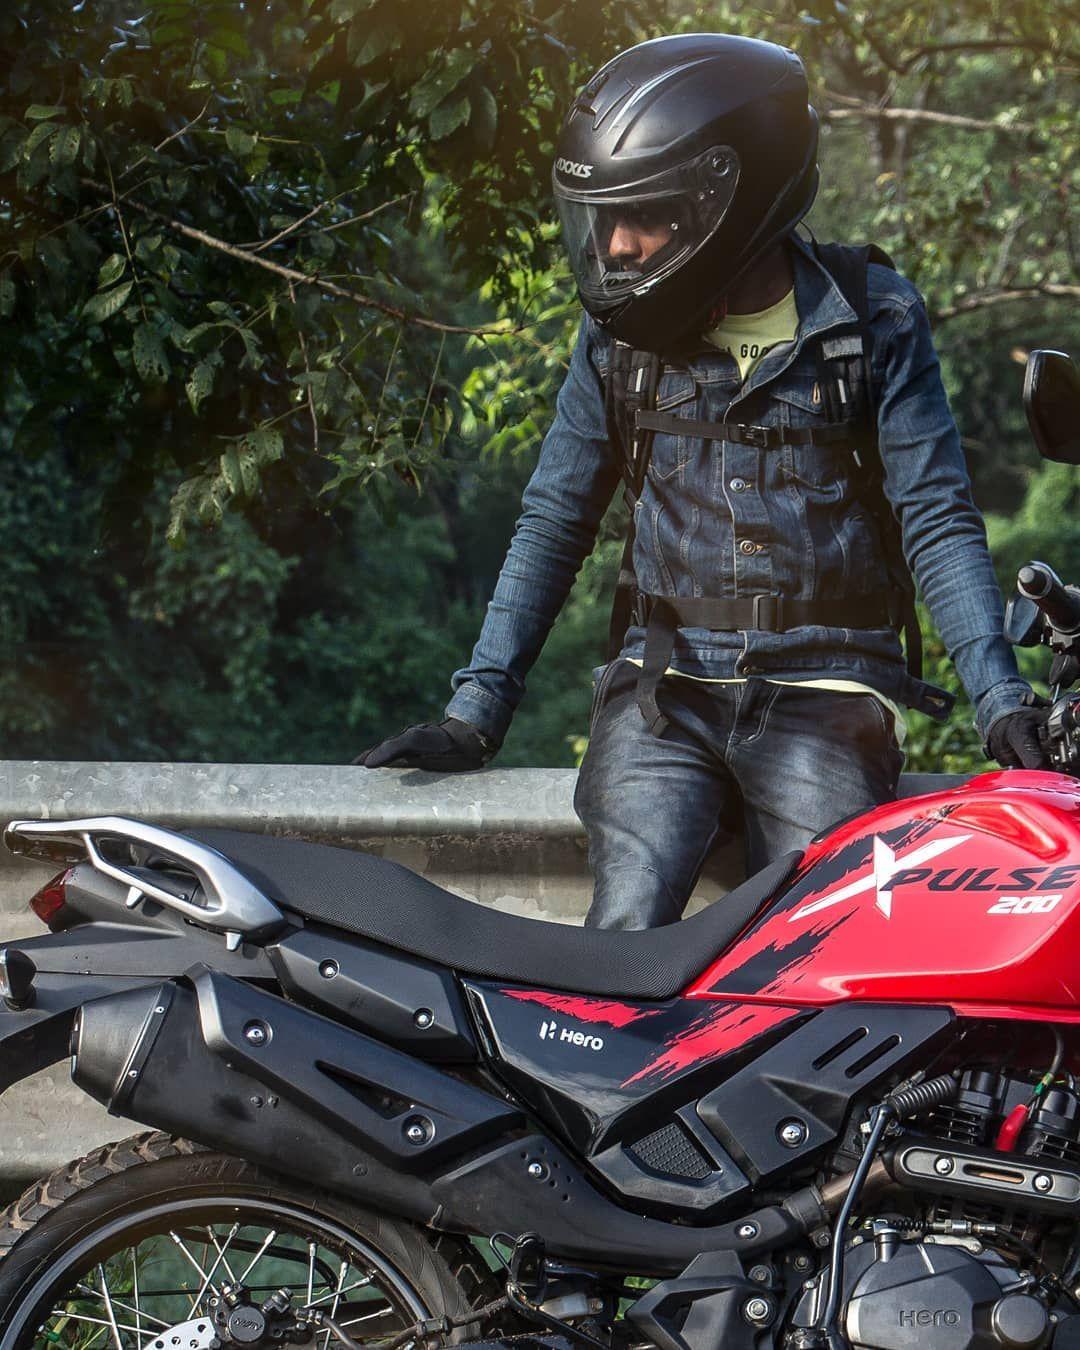 Pin By Vinayaka Anni On Biker Art In 2020 Bike Lovers Hero